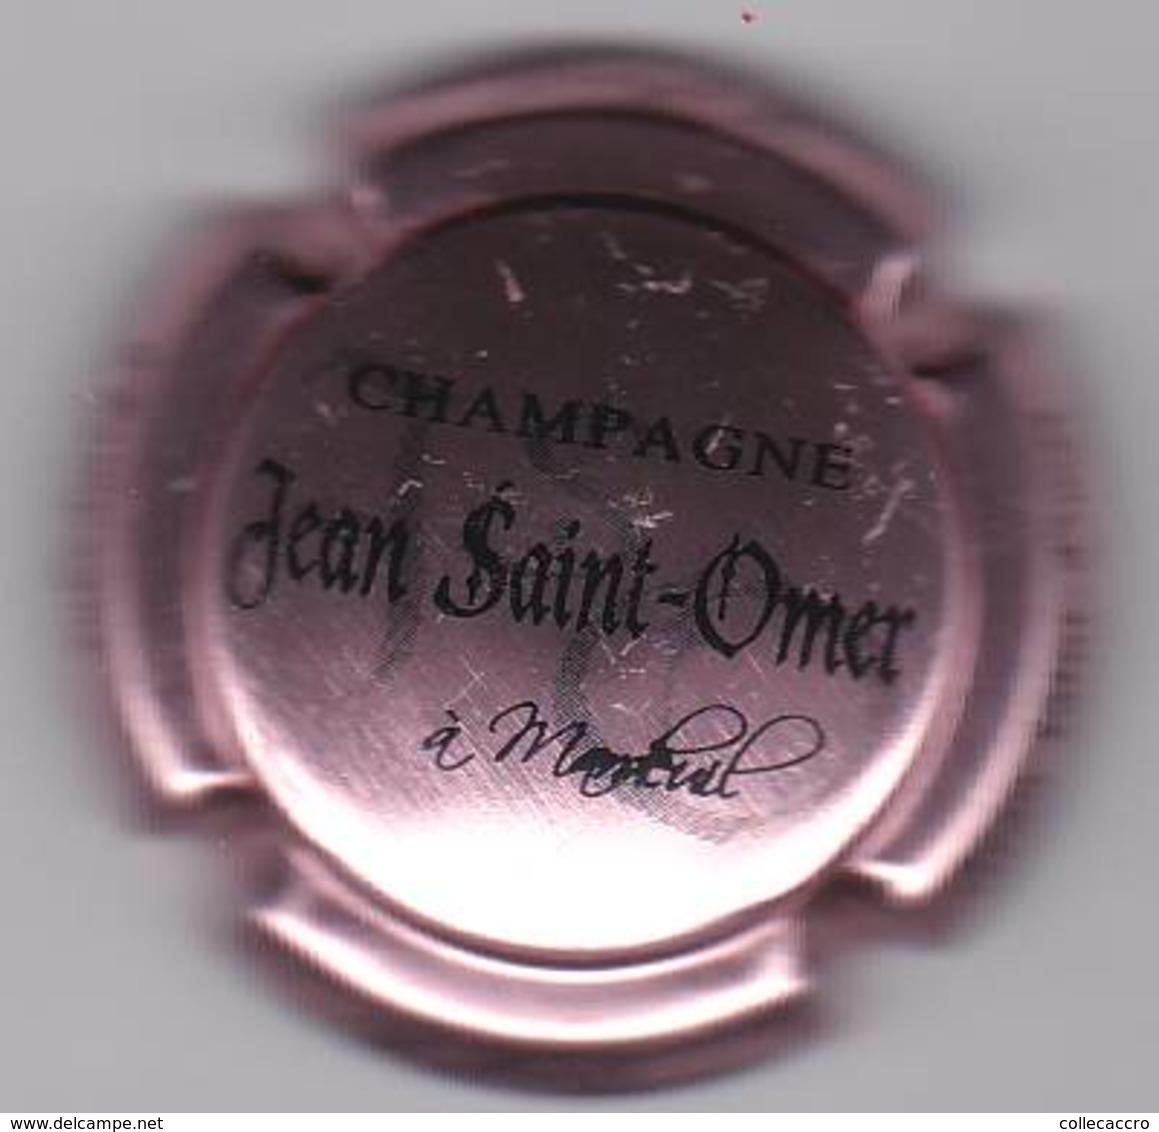 SAINT-OMER N°7 - Champagne